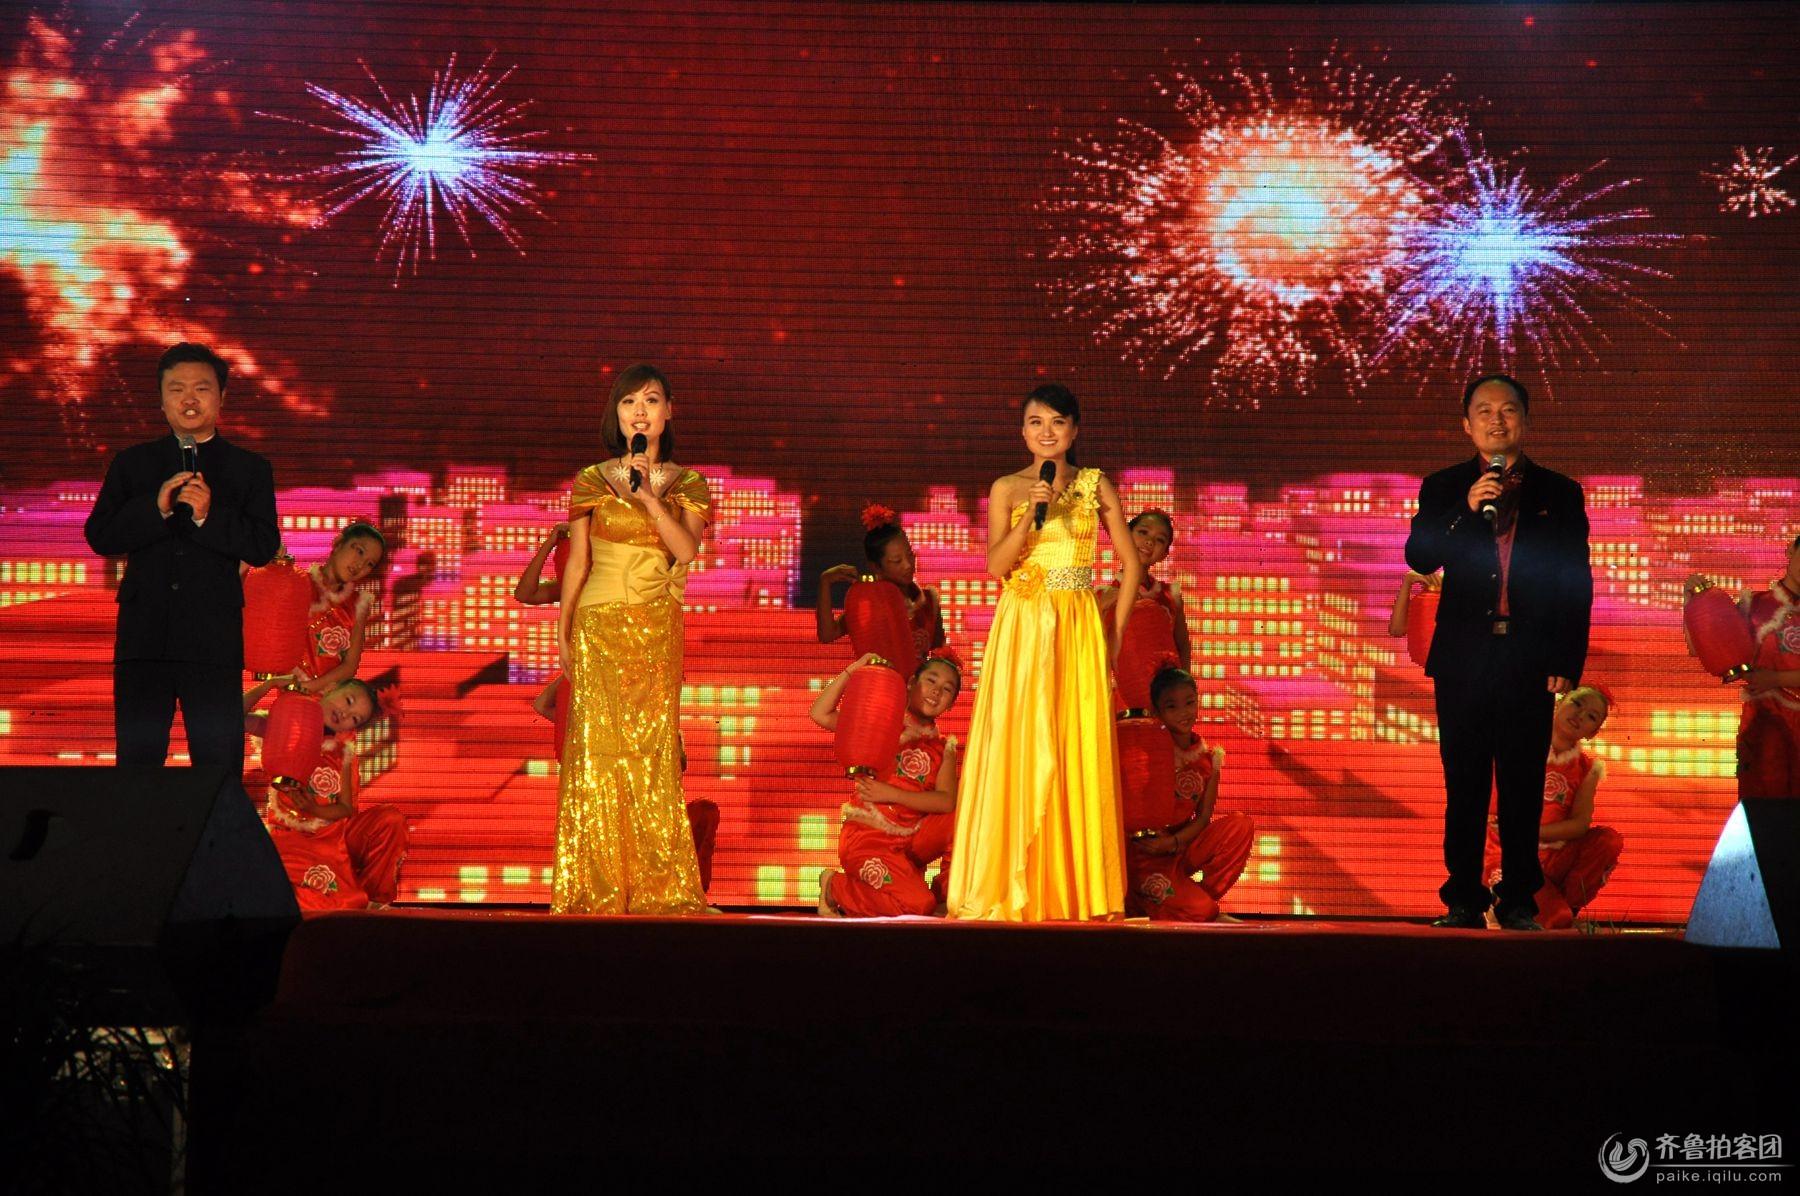 成武县举办迎国庆演唱会献礼祖国66岁华诞